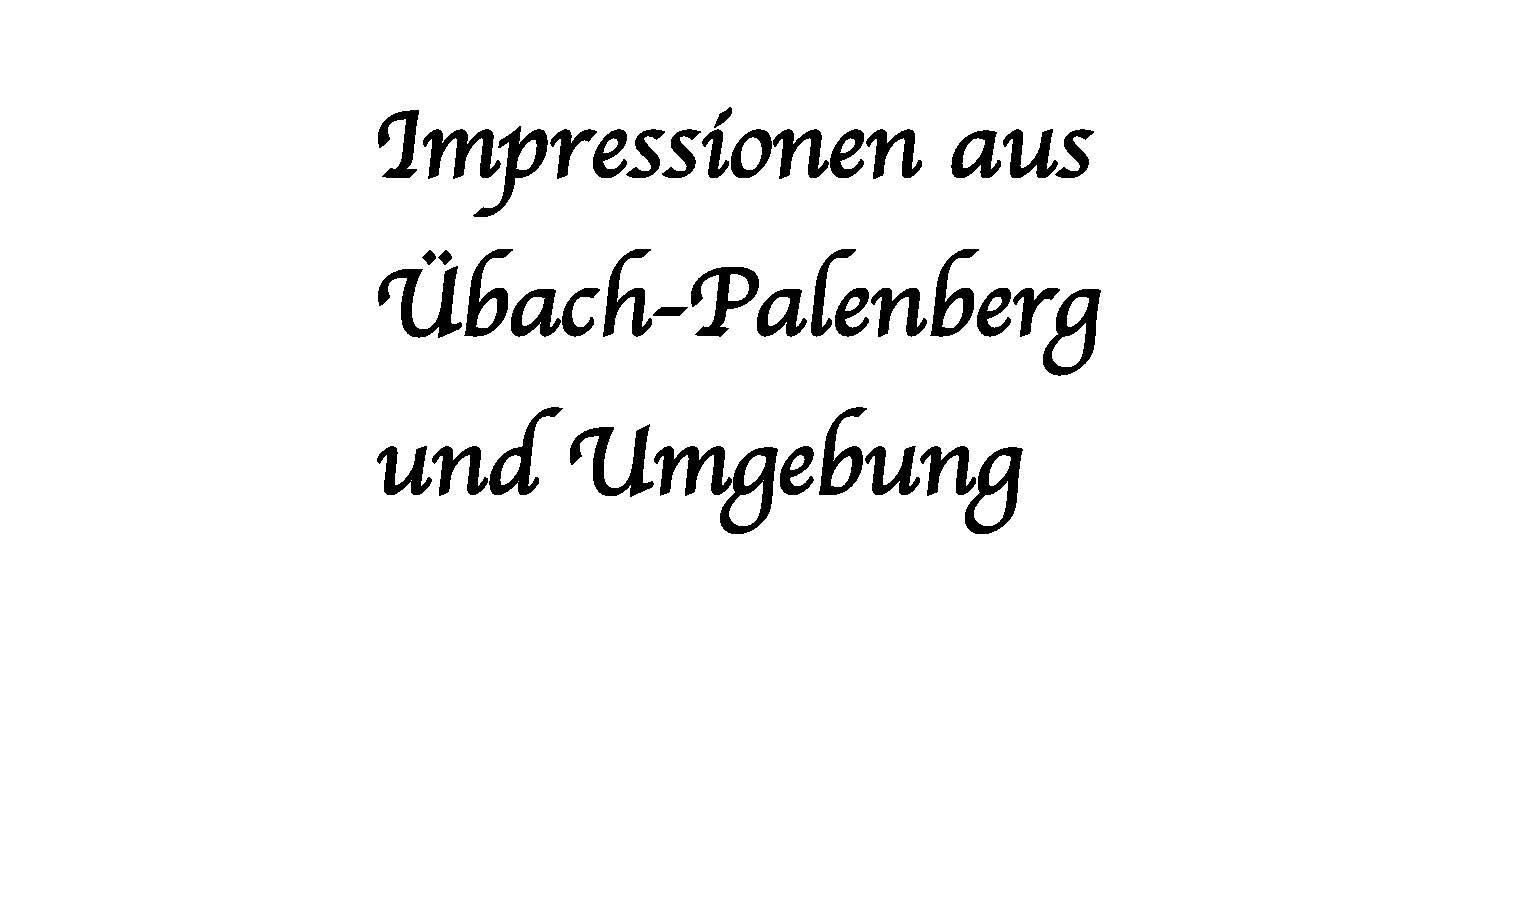 Redakteur Mönch und seine unsäglichen Texte